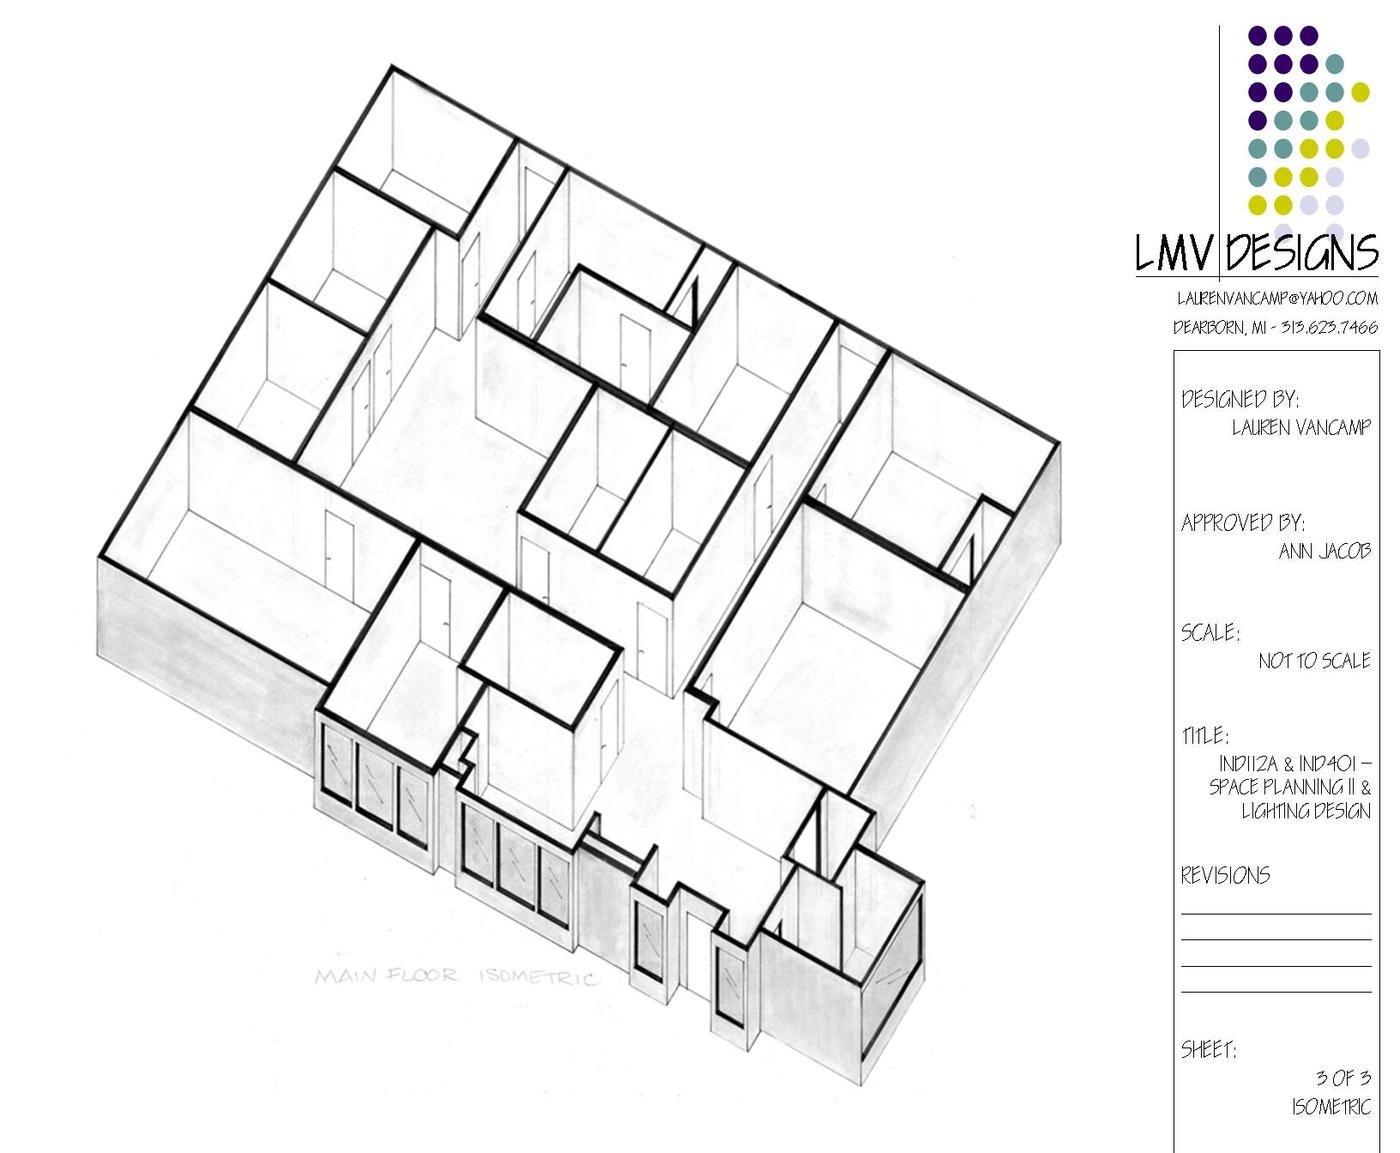 An Energetic Office Space By Lauren Vancamp At Coroflot